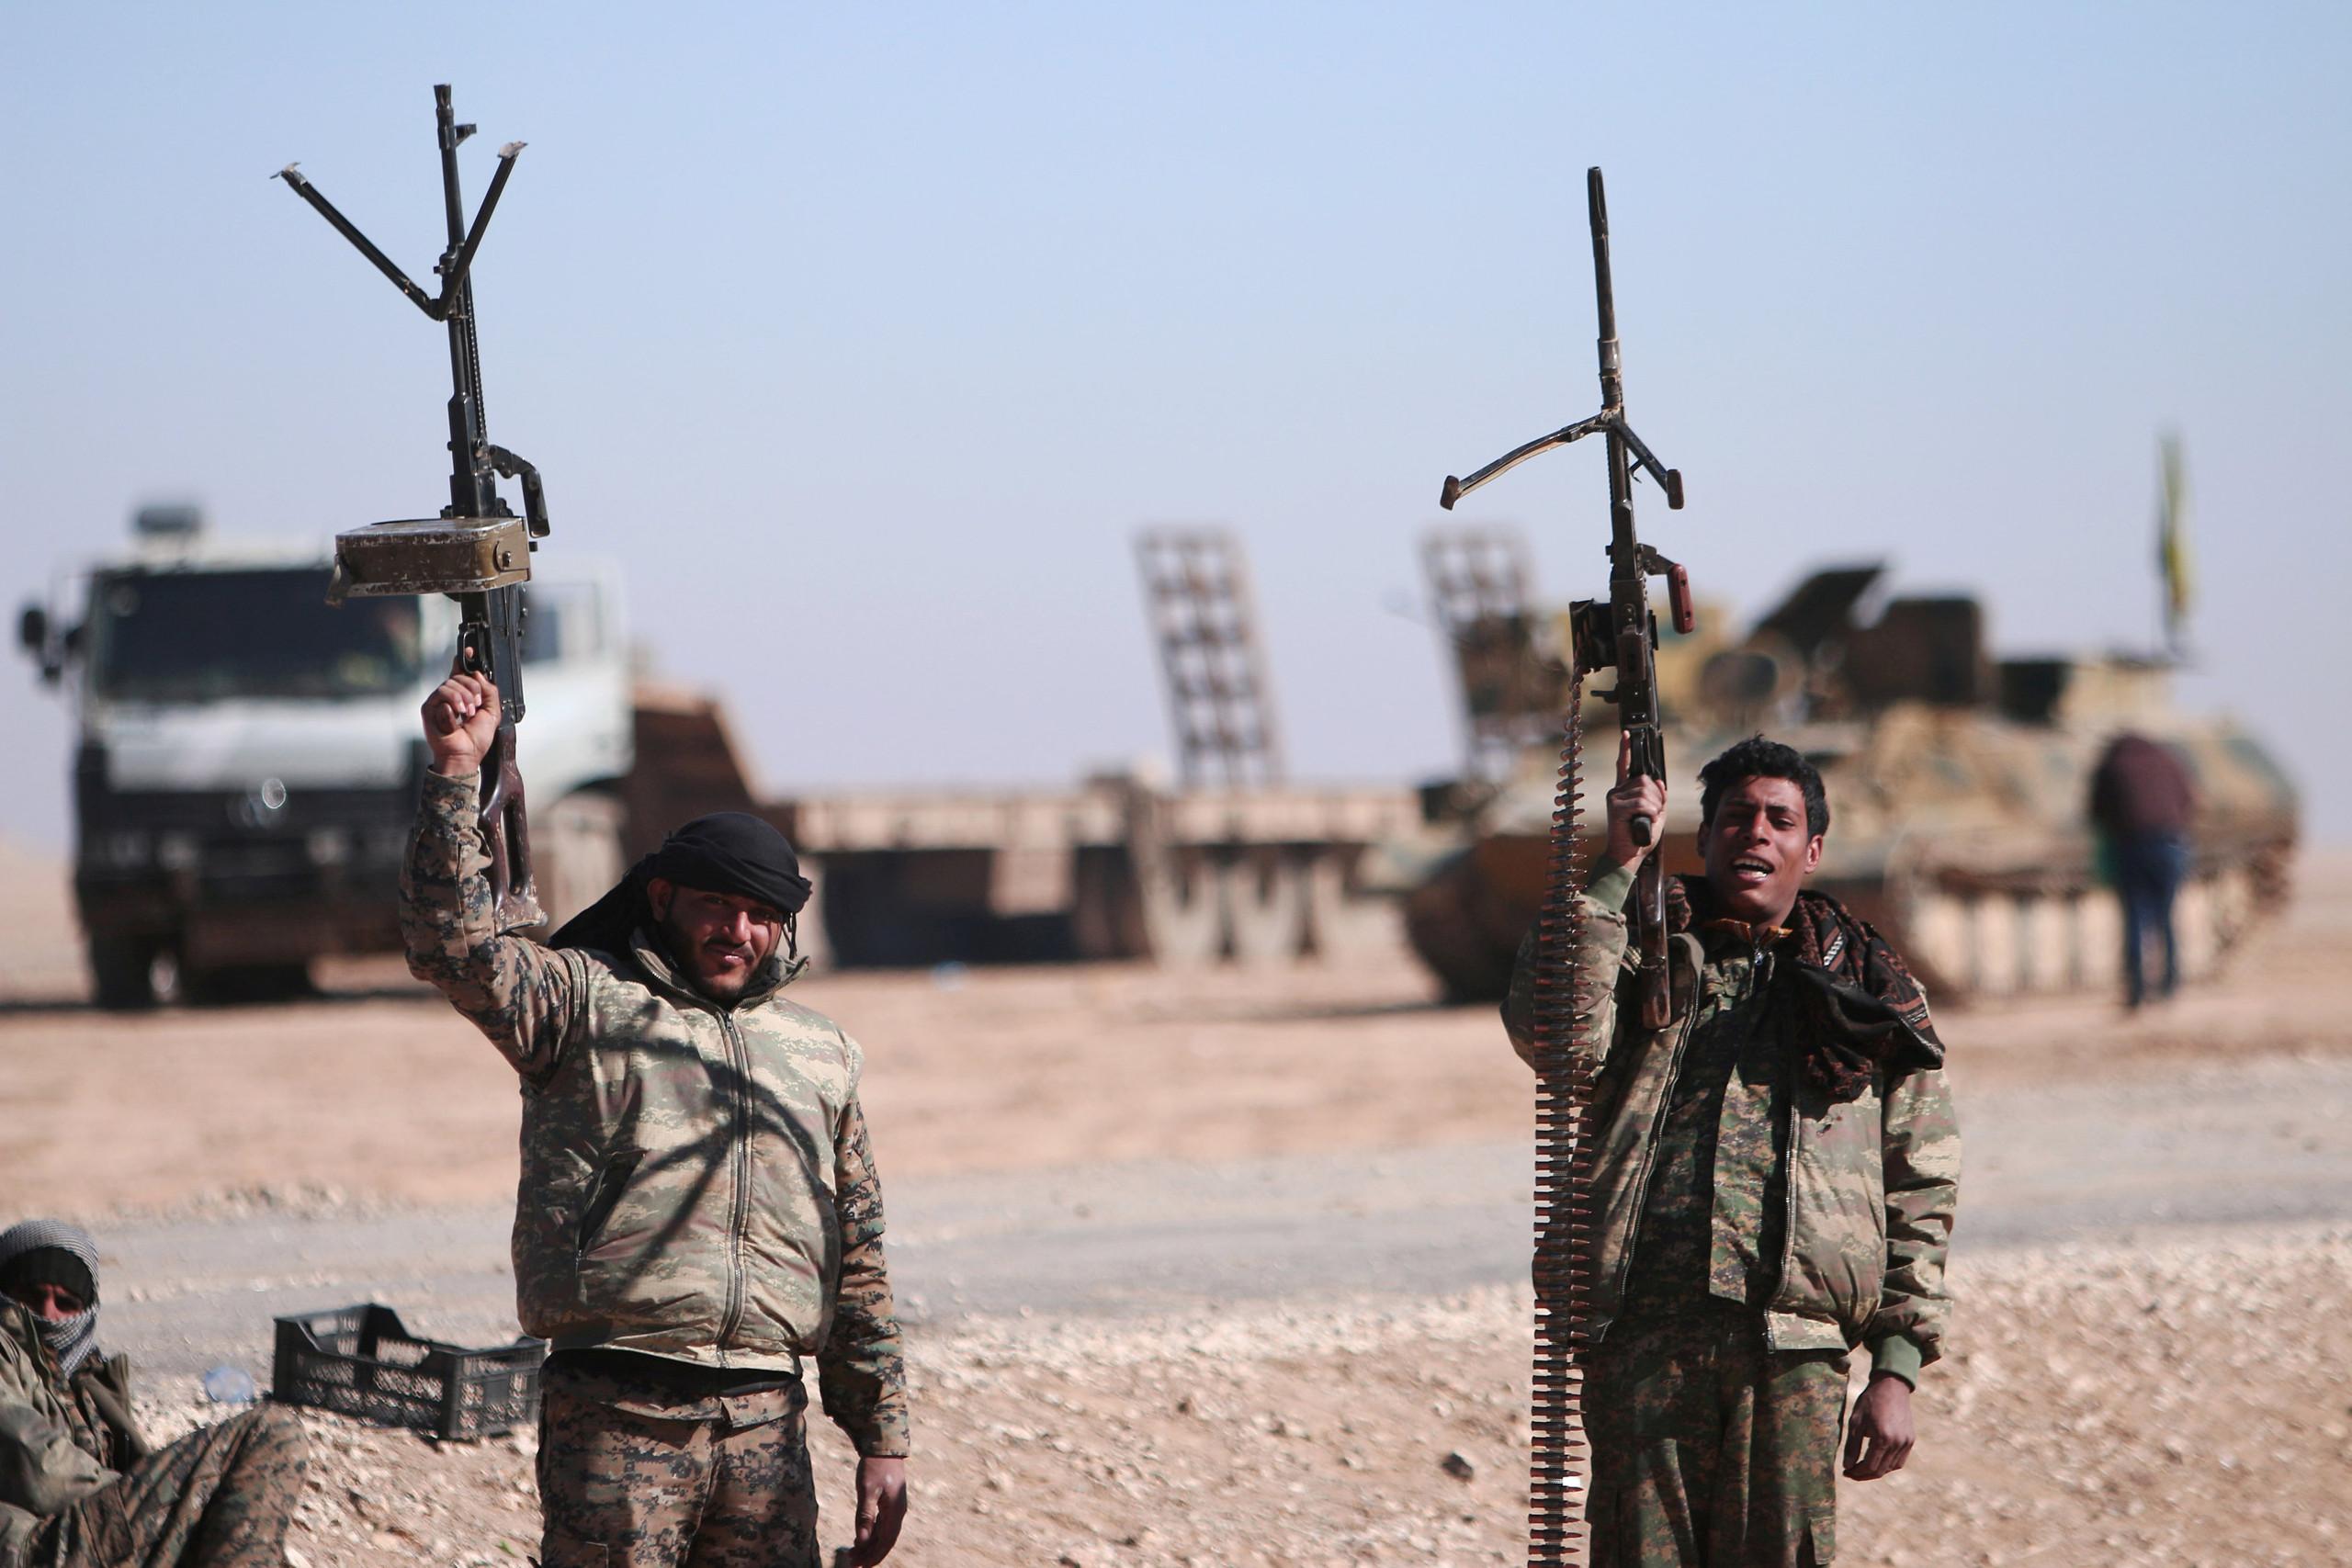 صورة قوة حدودية للتحالف الدولي في سوريا